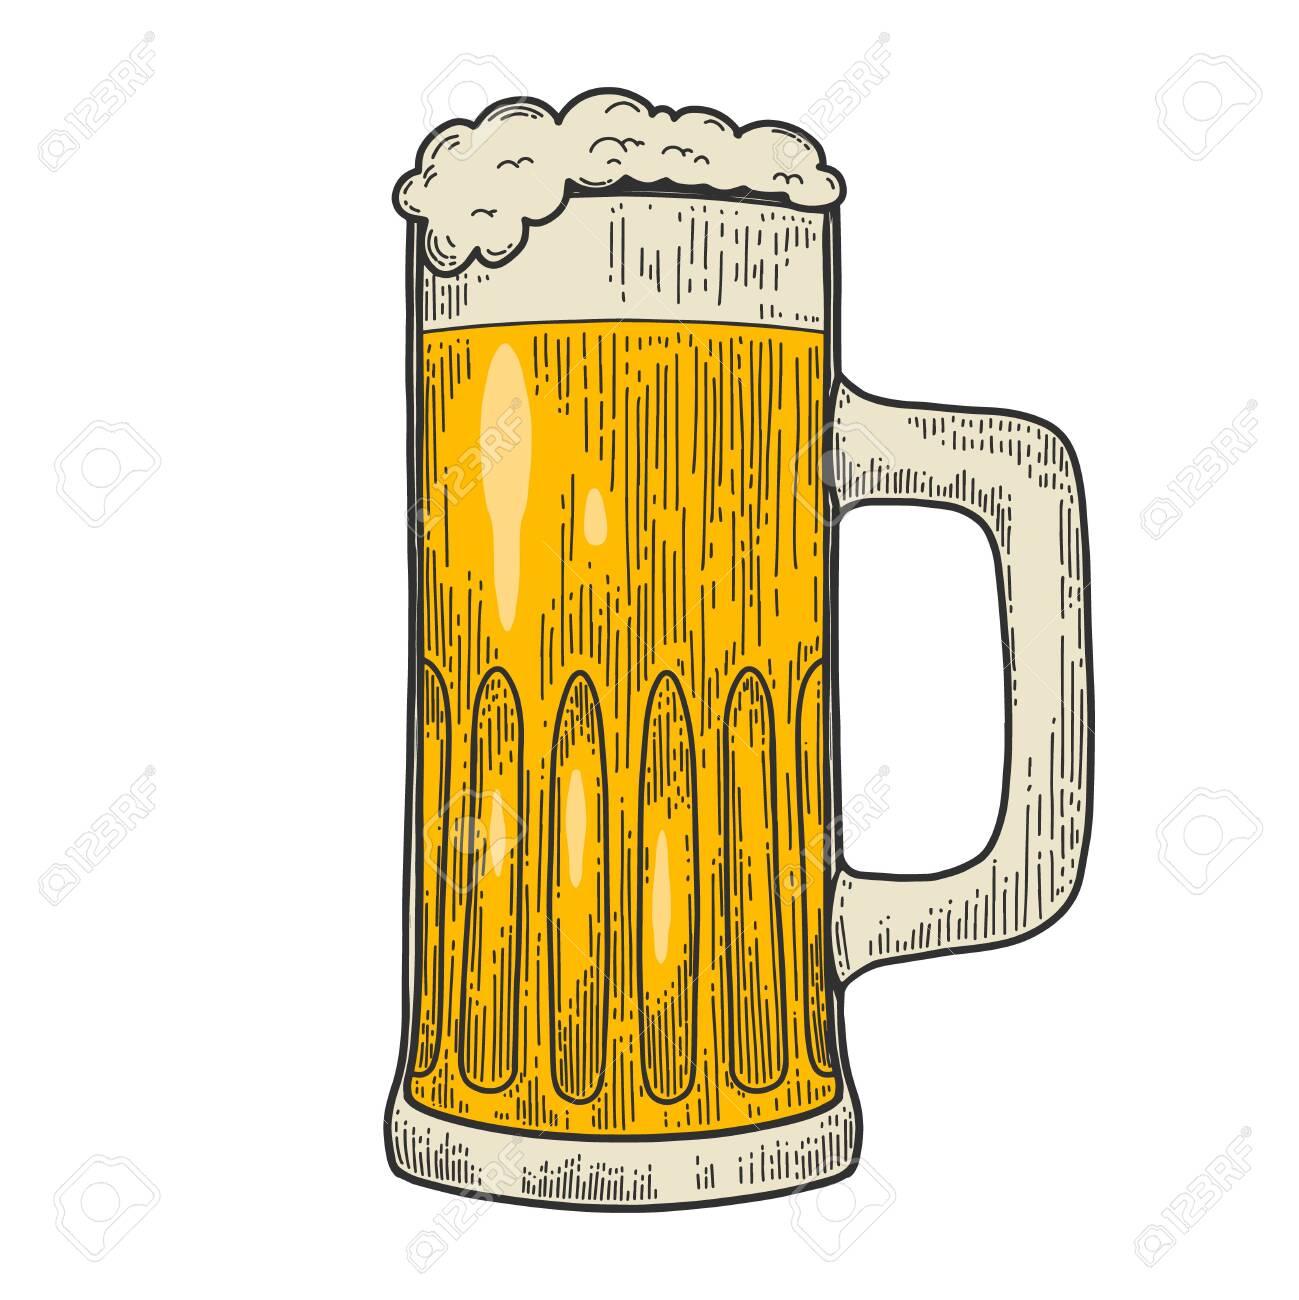 Illustrations of mug of beer in engraving style. Design element for label, emblem, sign. Vector illustration - 147083751